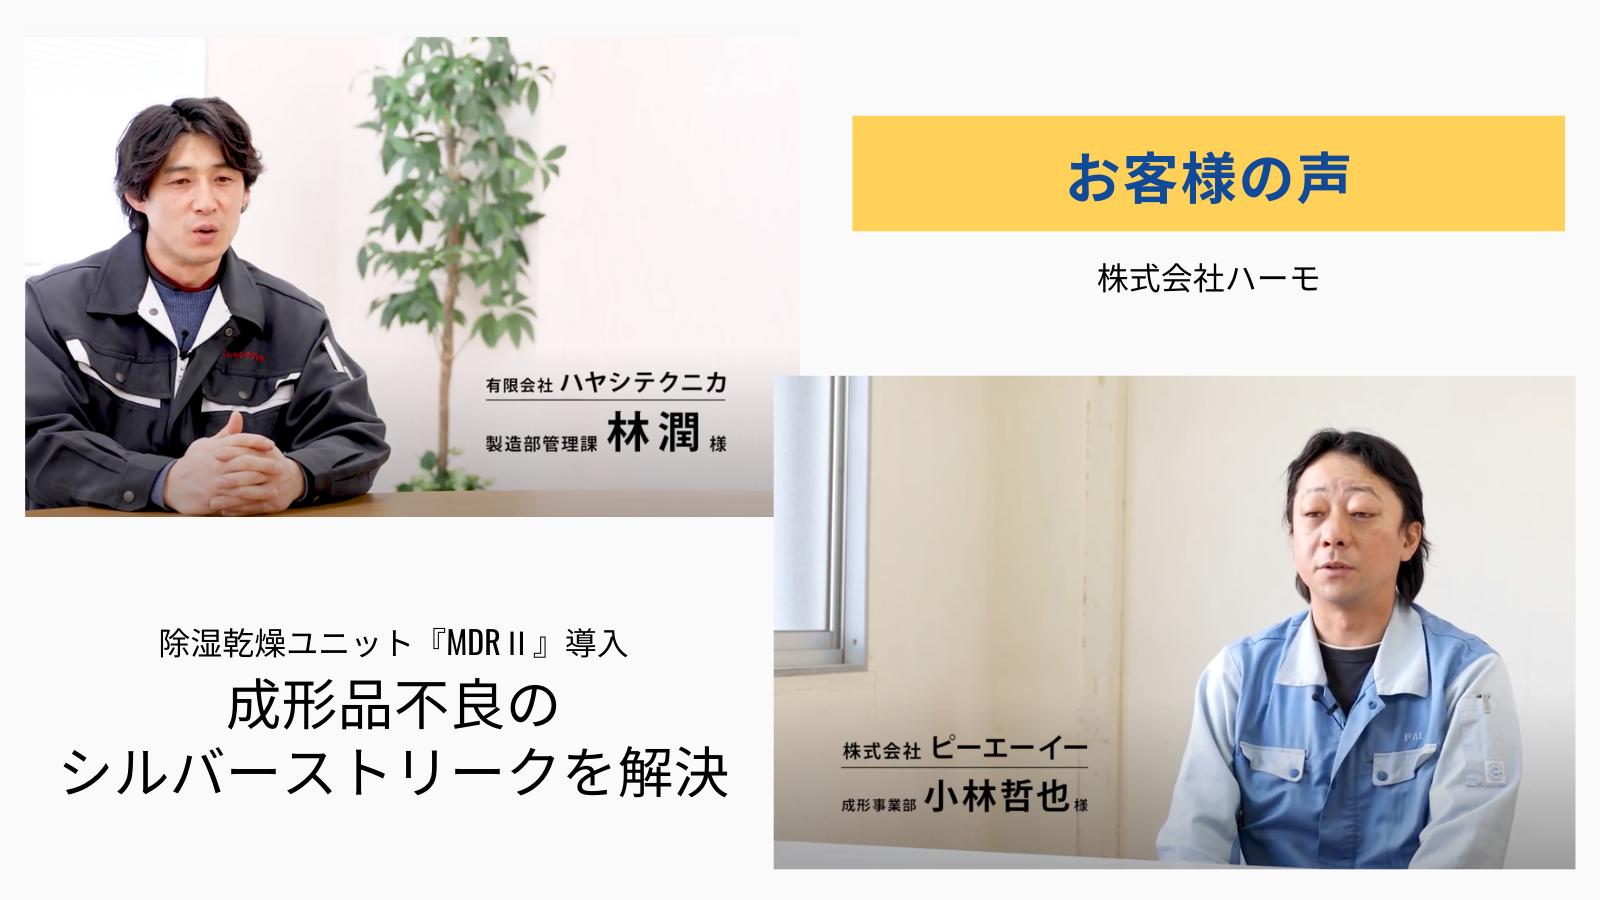 ハーモ_動画集_コストダウン (1)